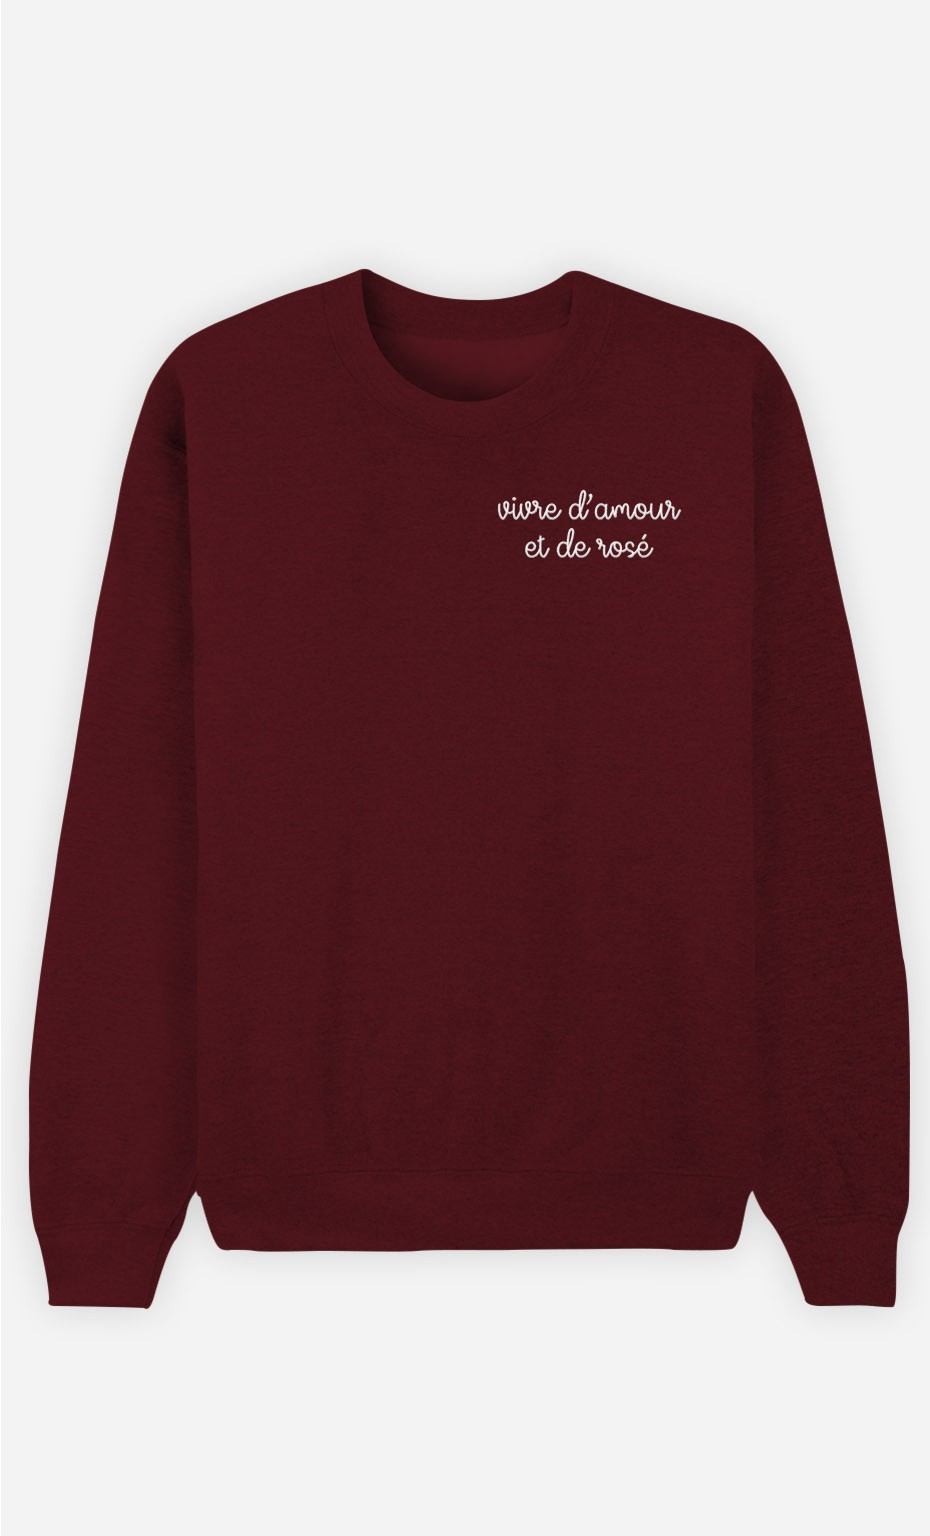 Sweat Bordeaux Vivre d'Amour - brodé et de rosé